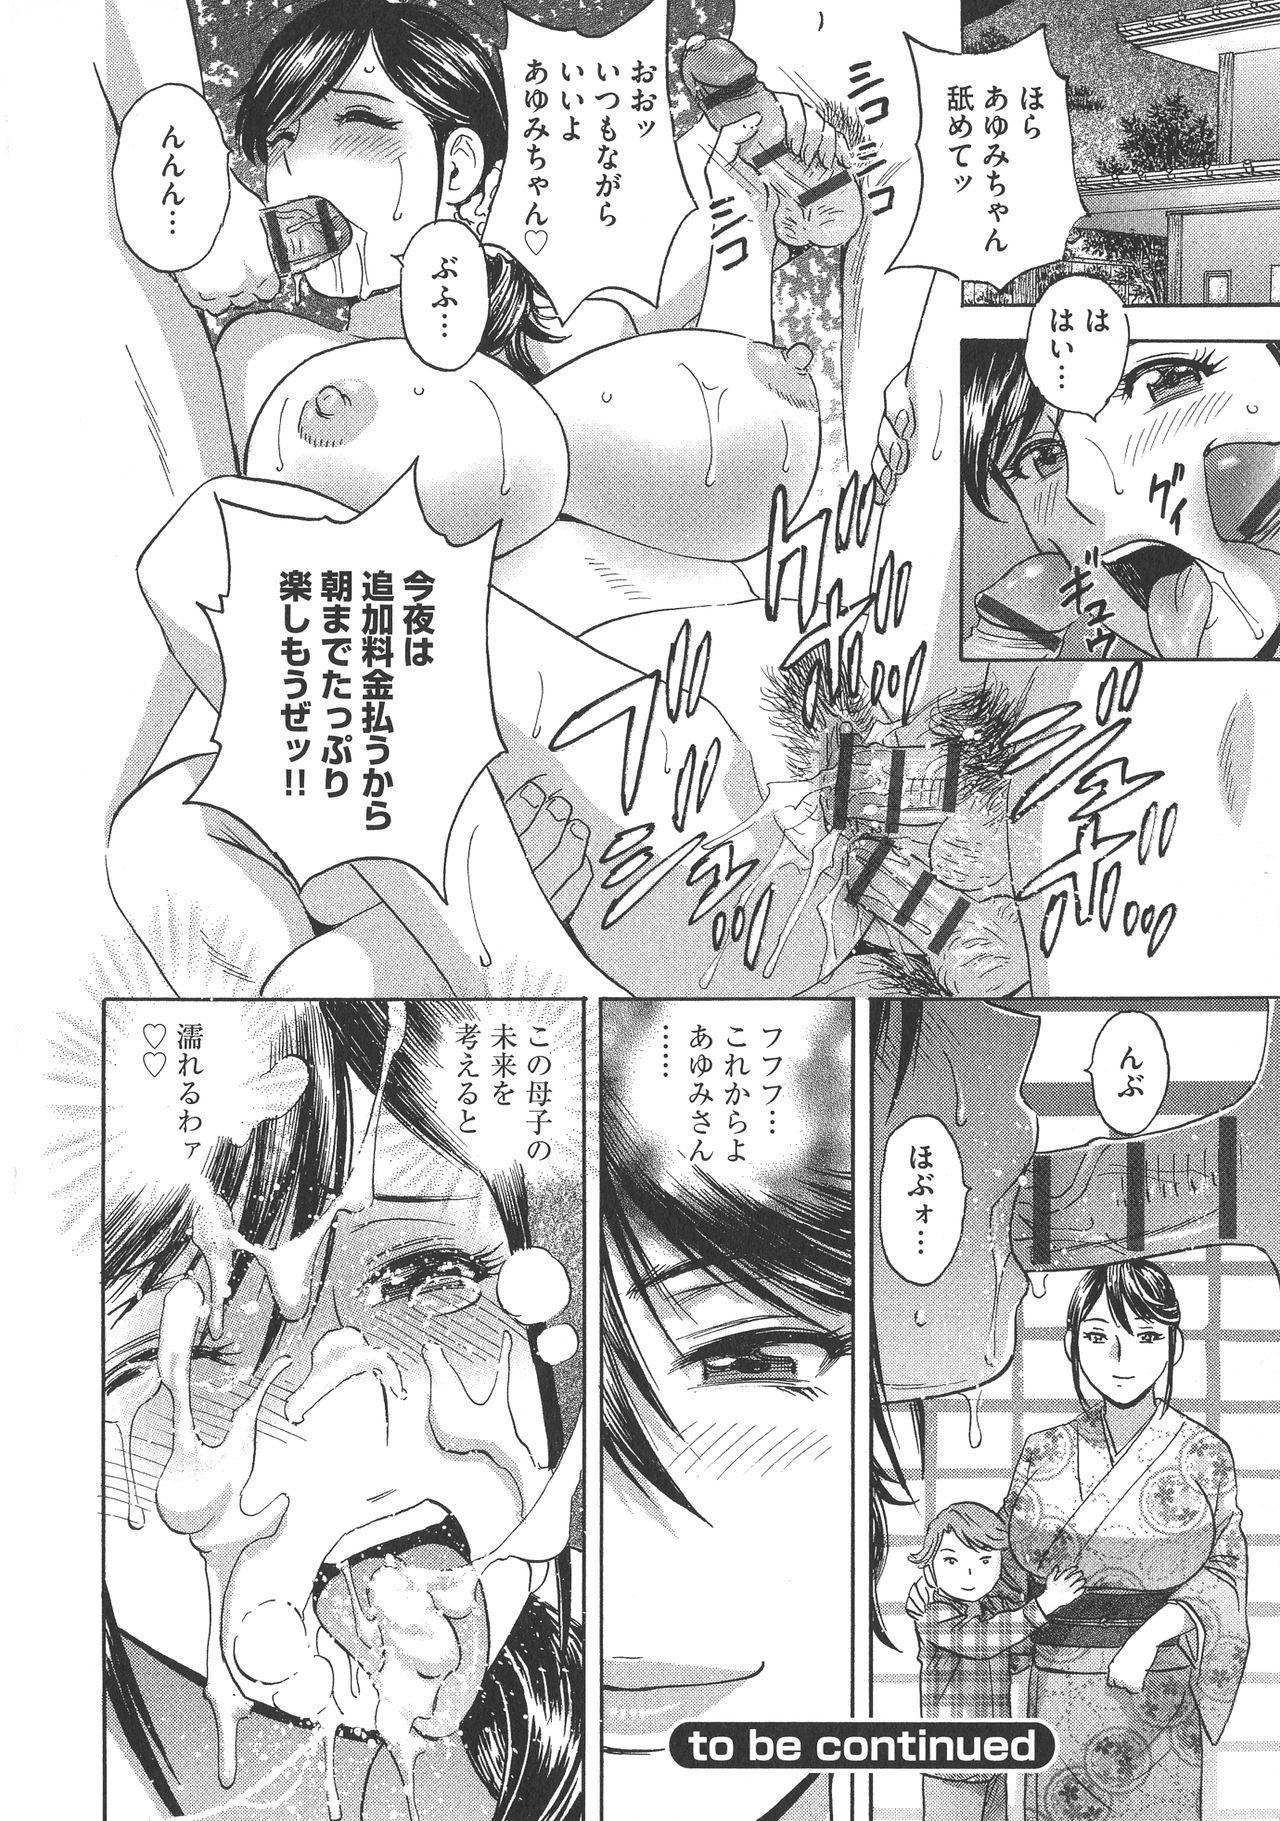 Chijoku ni Modaeru Haha no Chichi… 83